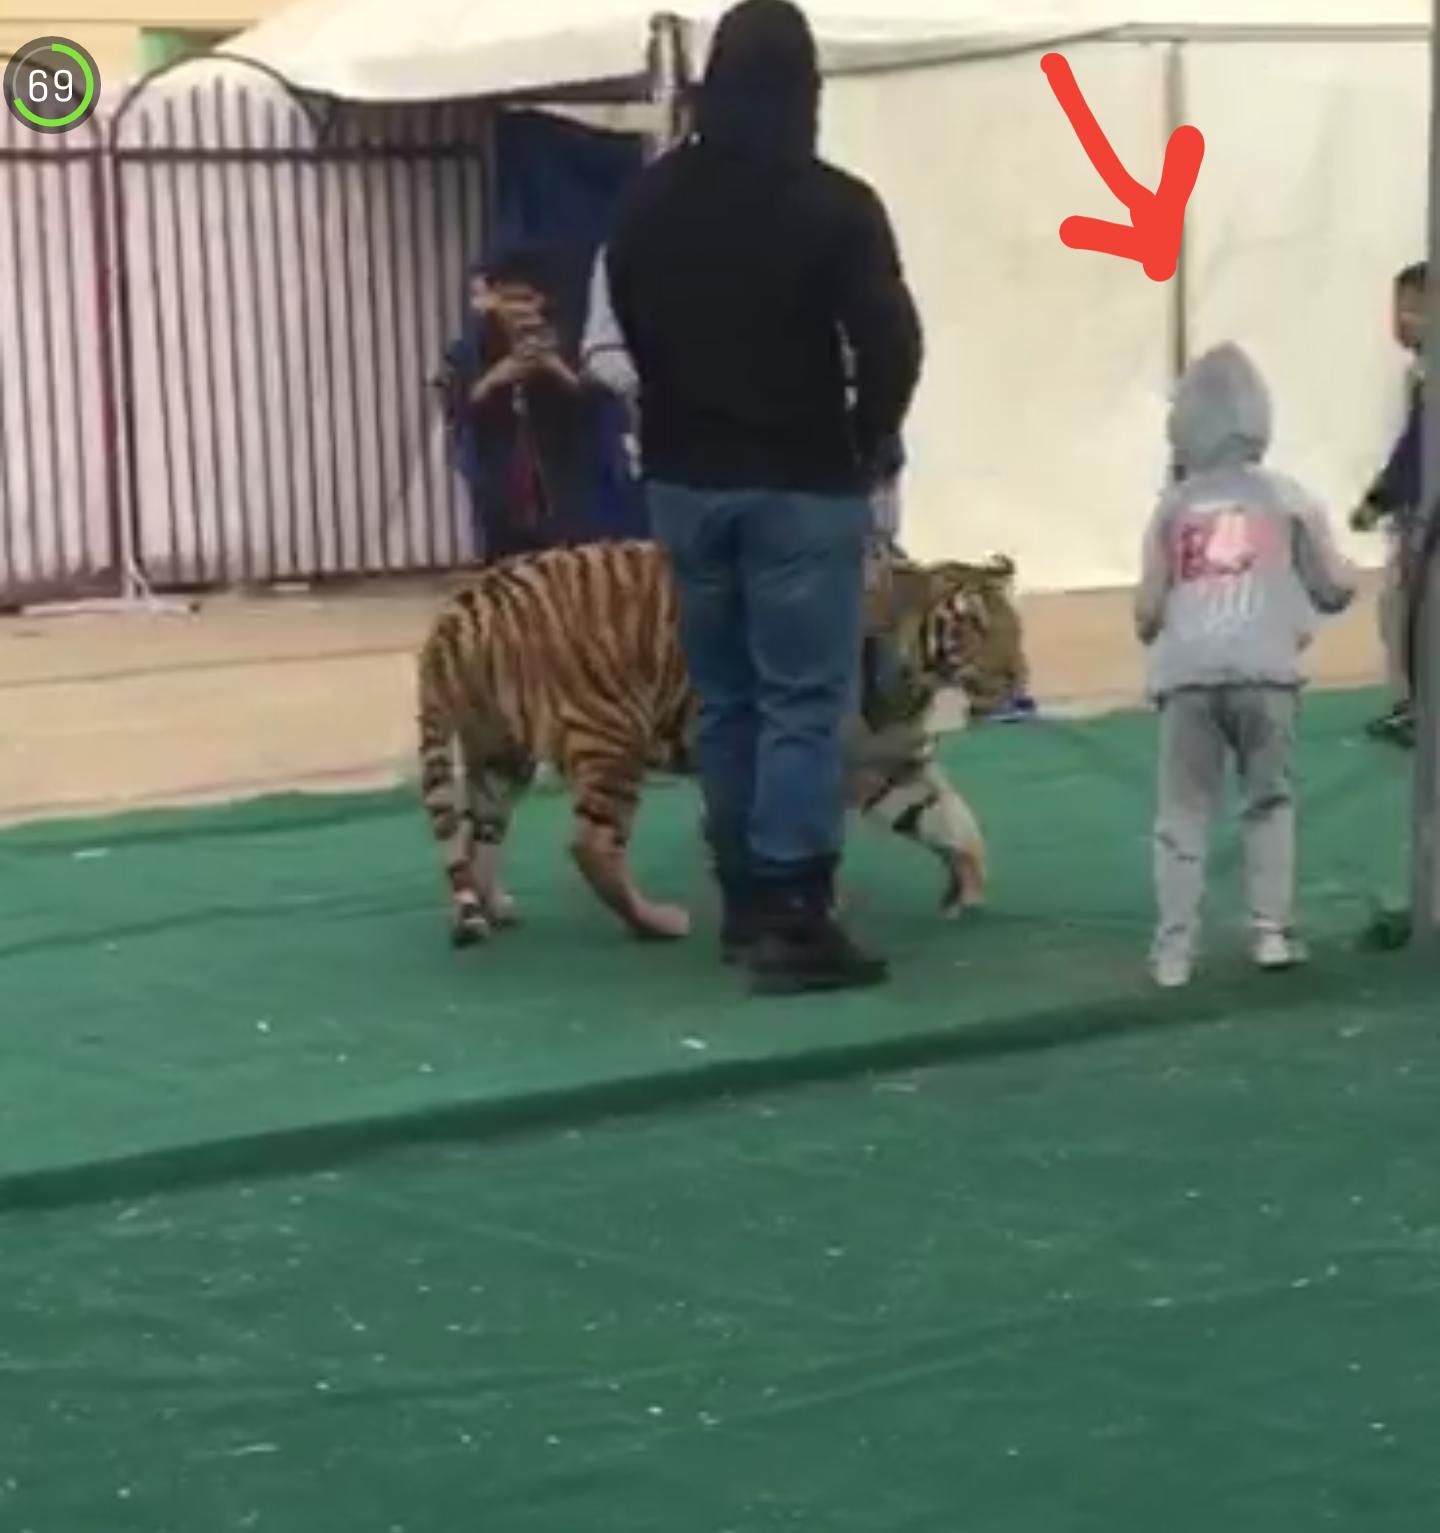 شاهد نمر يهاجم طفلة بمعرض الصناعات بسكاكا